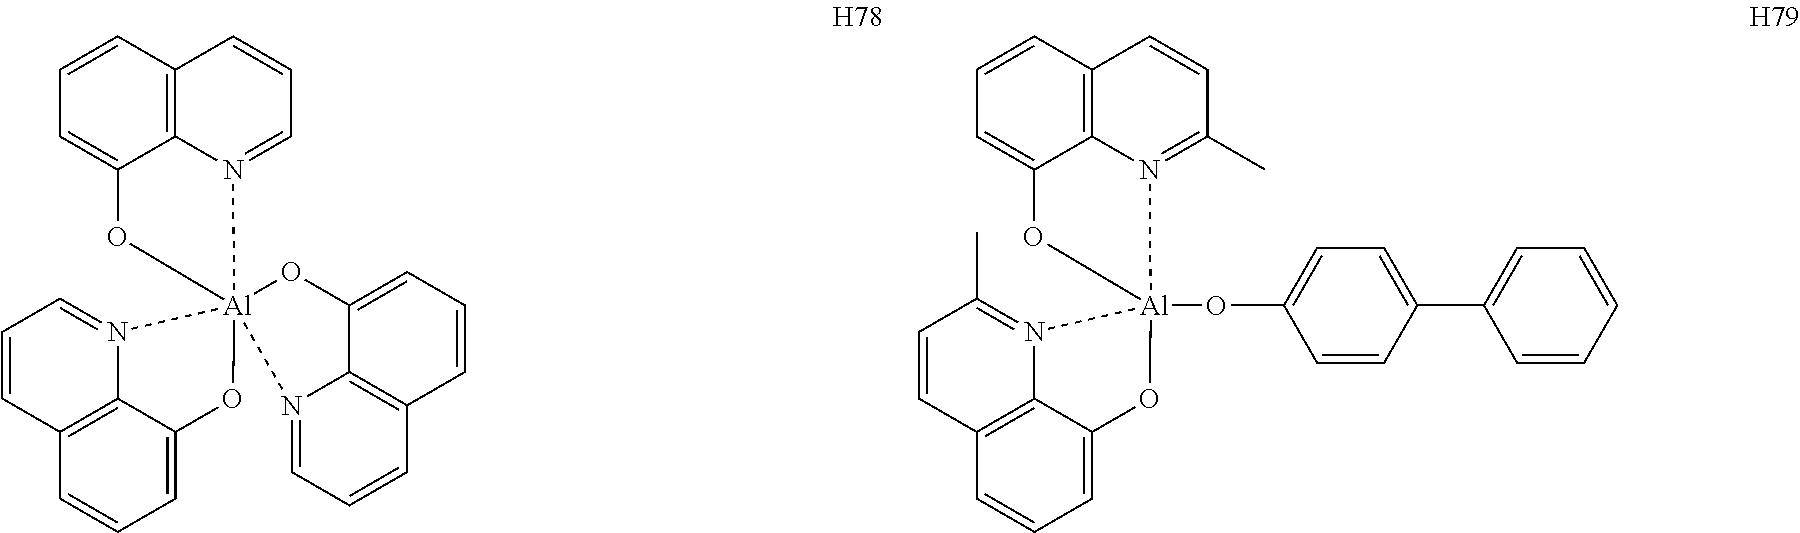 Figure US20150303398A1-20151022-C00055